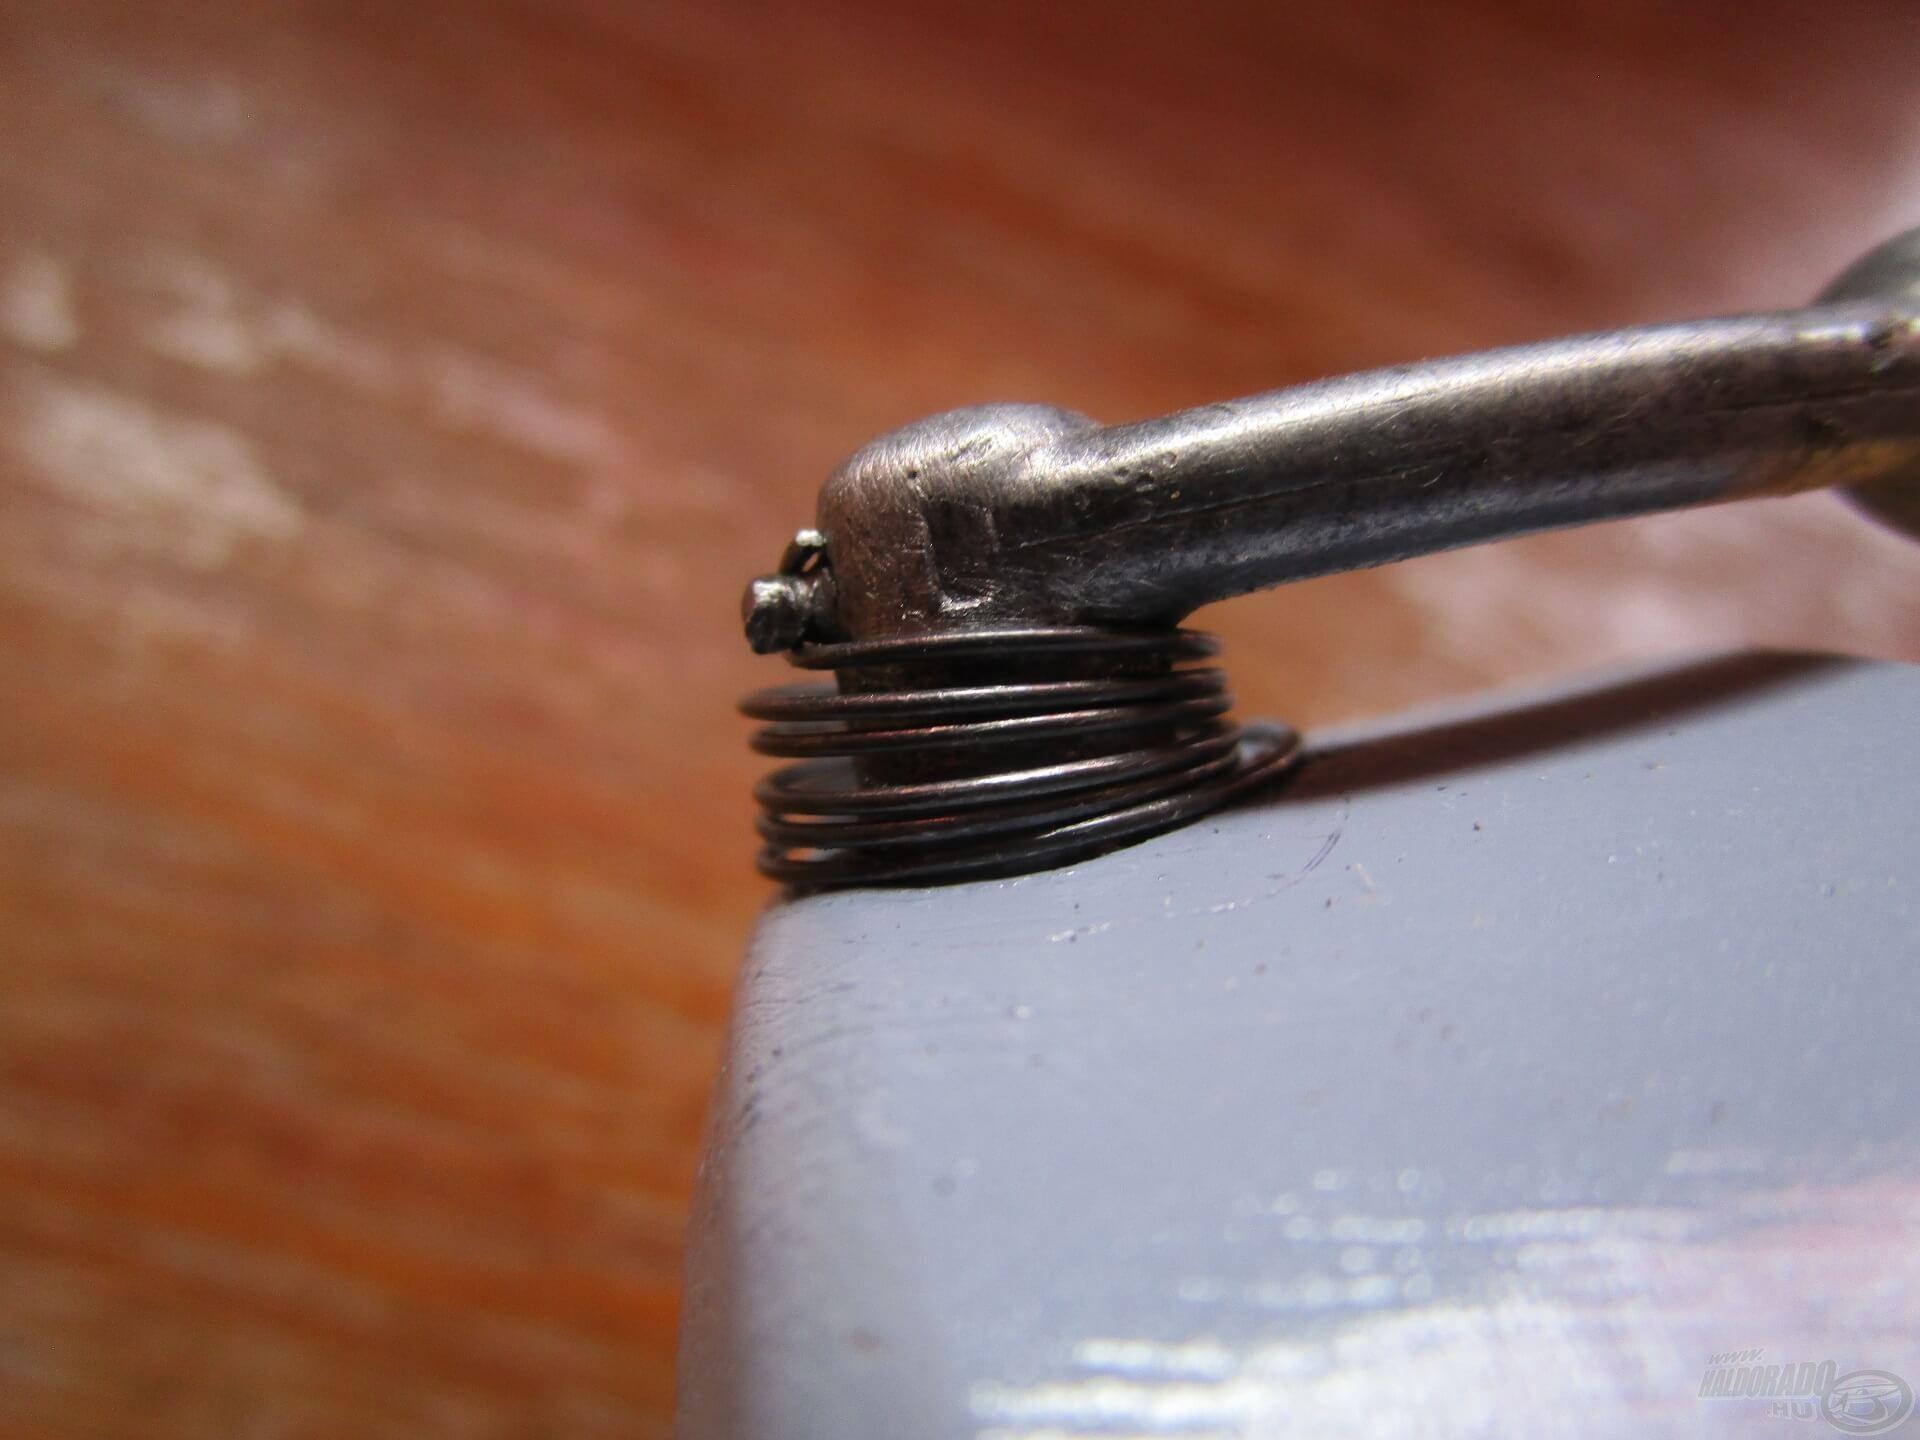 A felkapókar rugója gyengült az évek során, ez azonban egy közel 40 éves műszernél jelentéktelen apróság